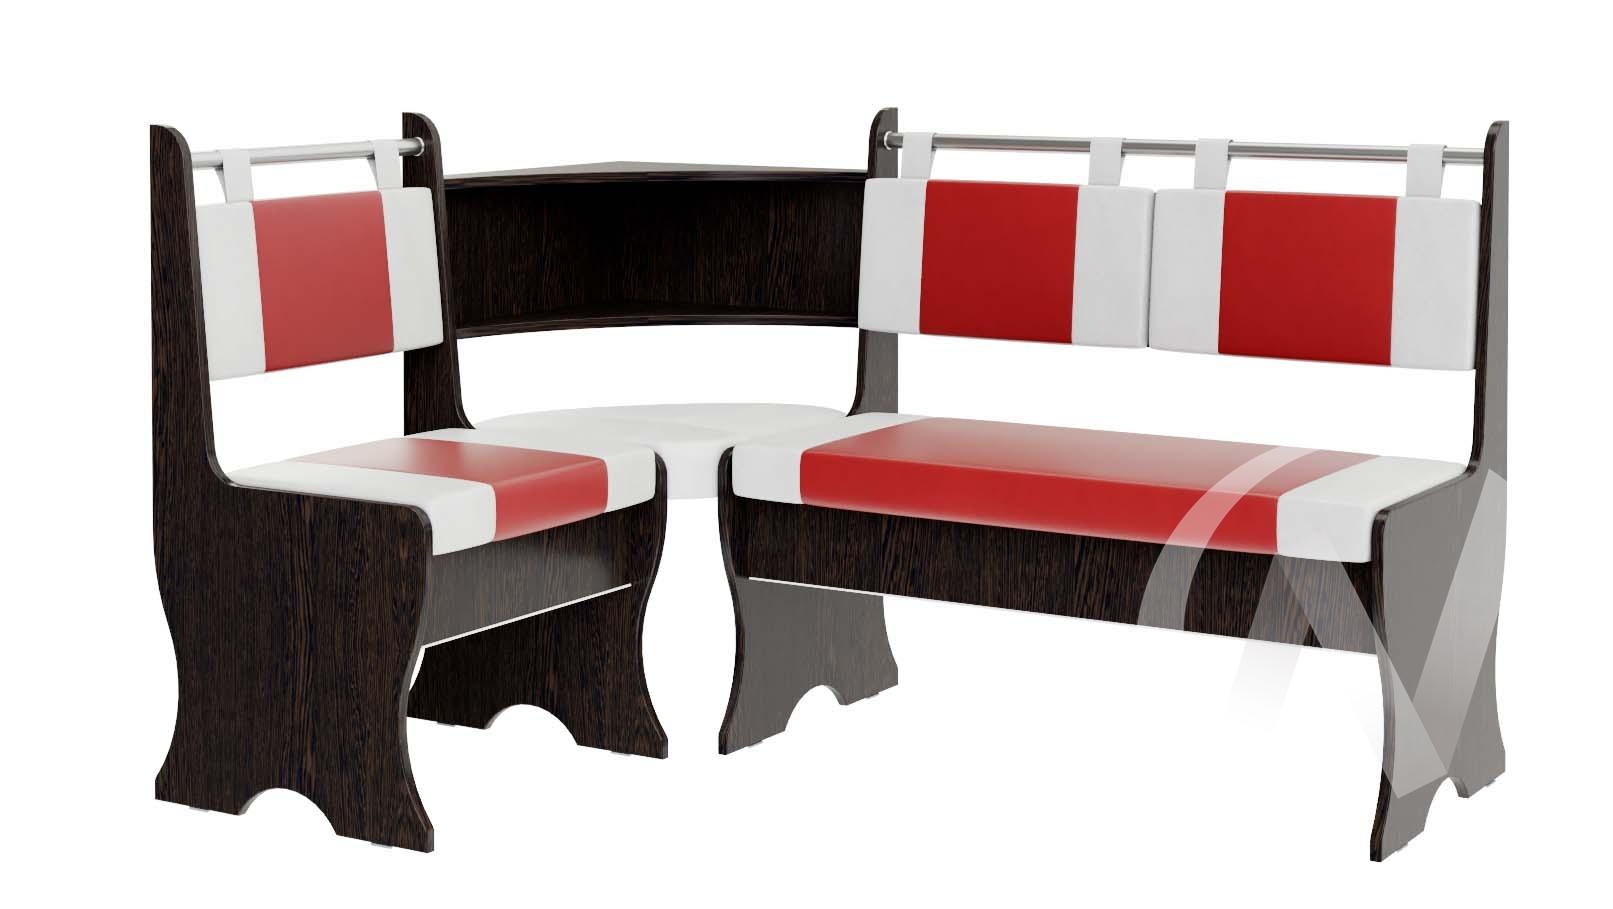 Скамья угловая Дельта кожзам (венге/красный,белый)  в Томске — интернет магазин МИРА-мебель